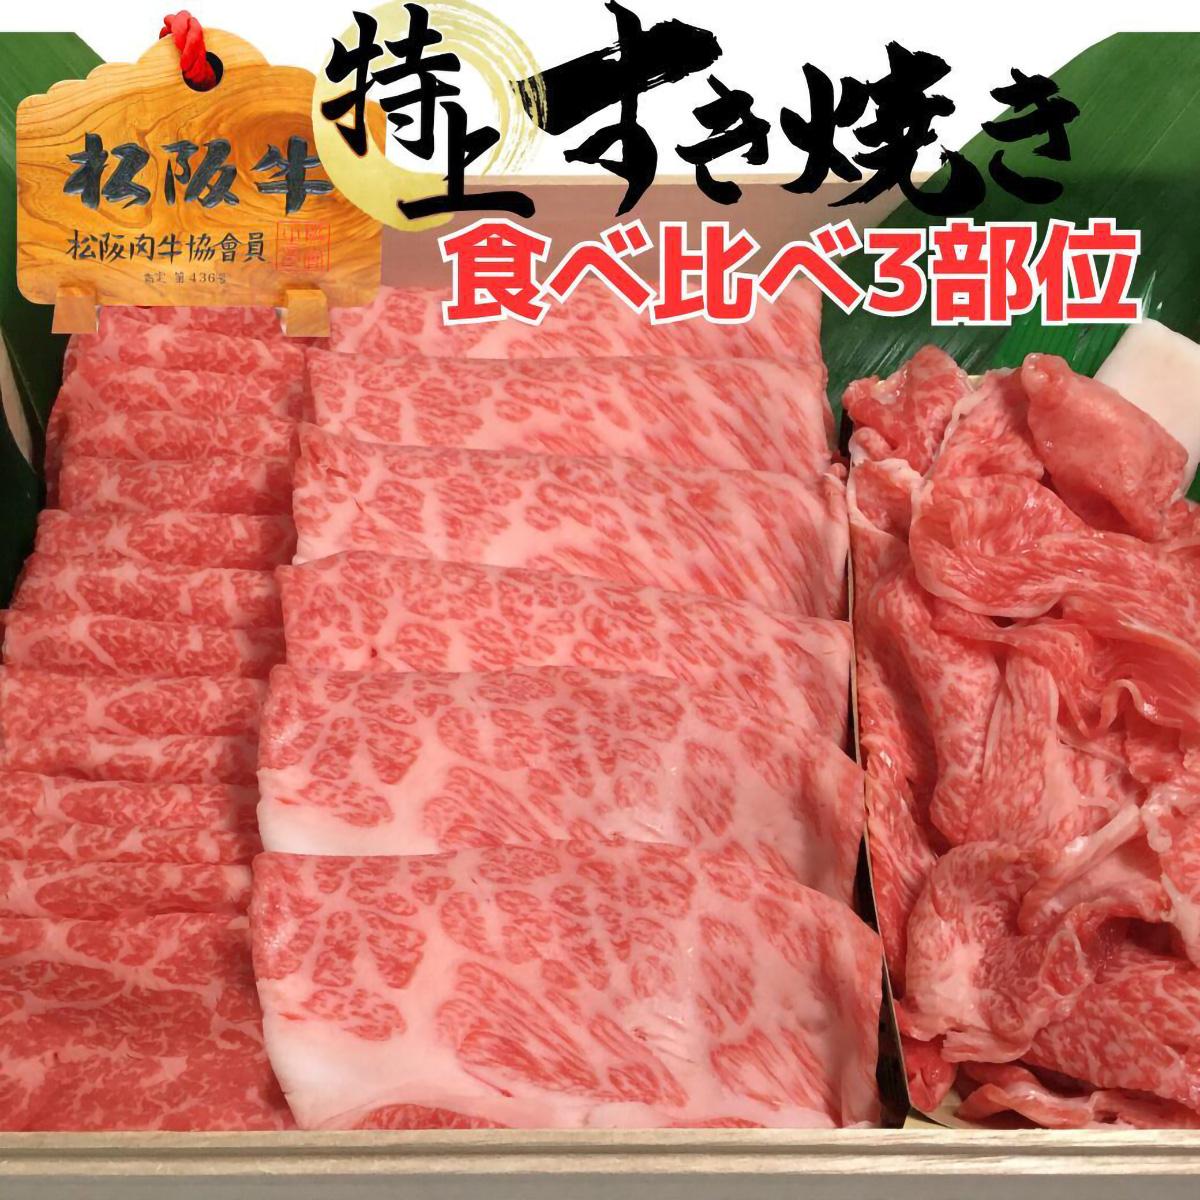 松阪牛上すき焼き3種食べ比べ